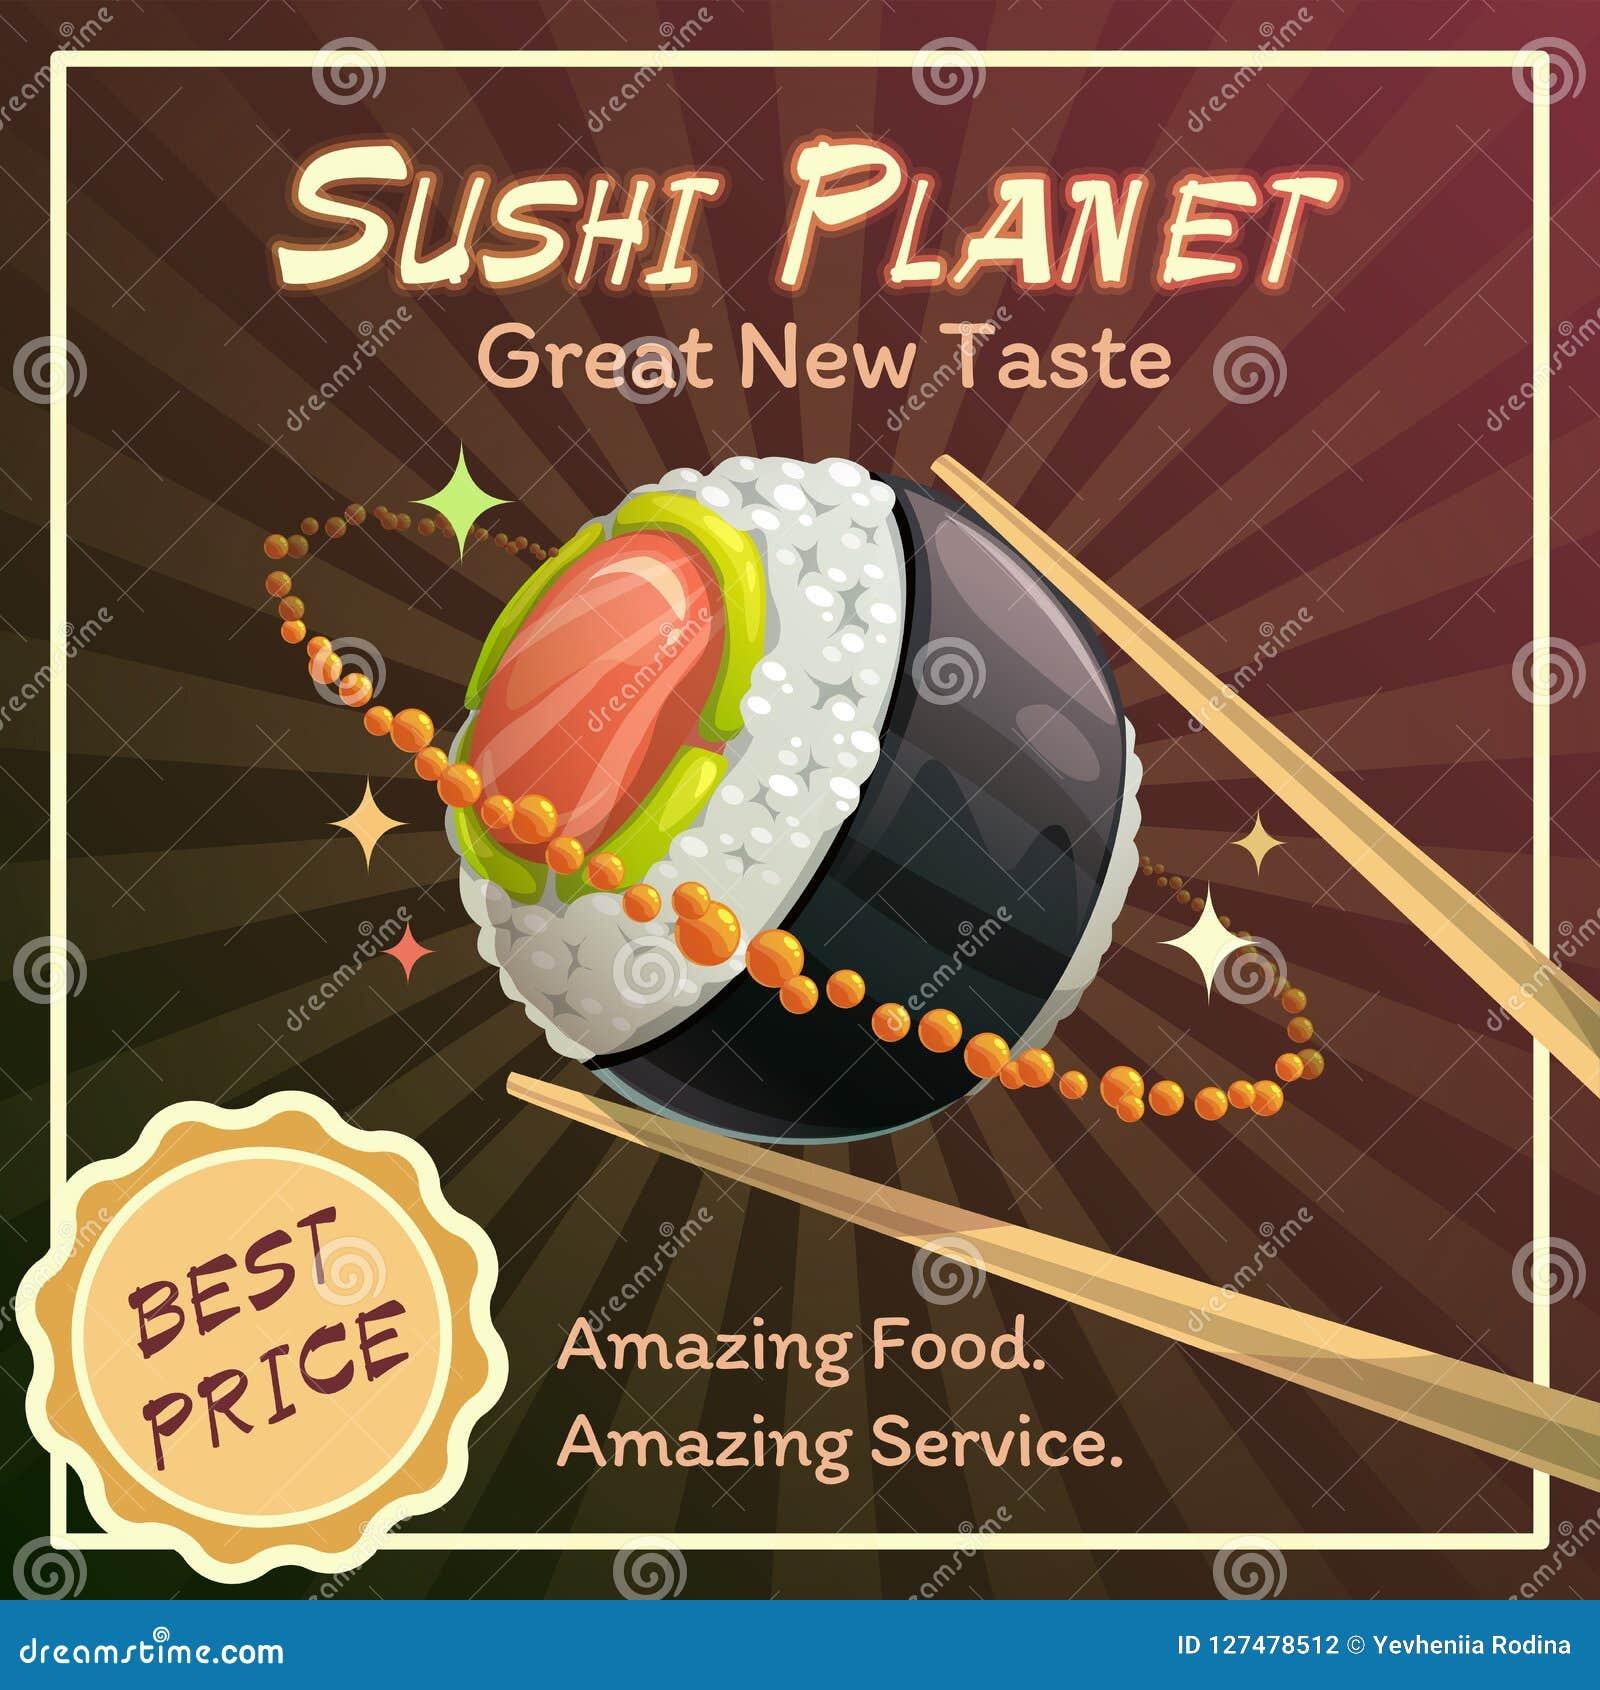 Sushi roll planet poster design. Japan food restaurant promotion concept.